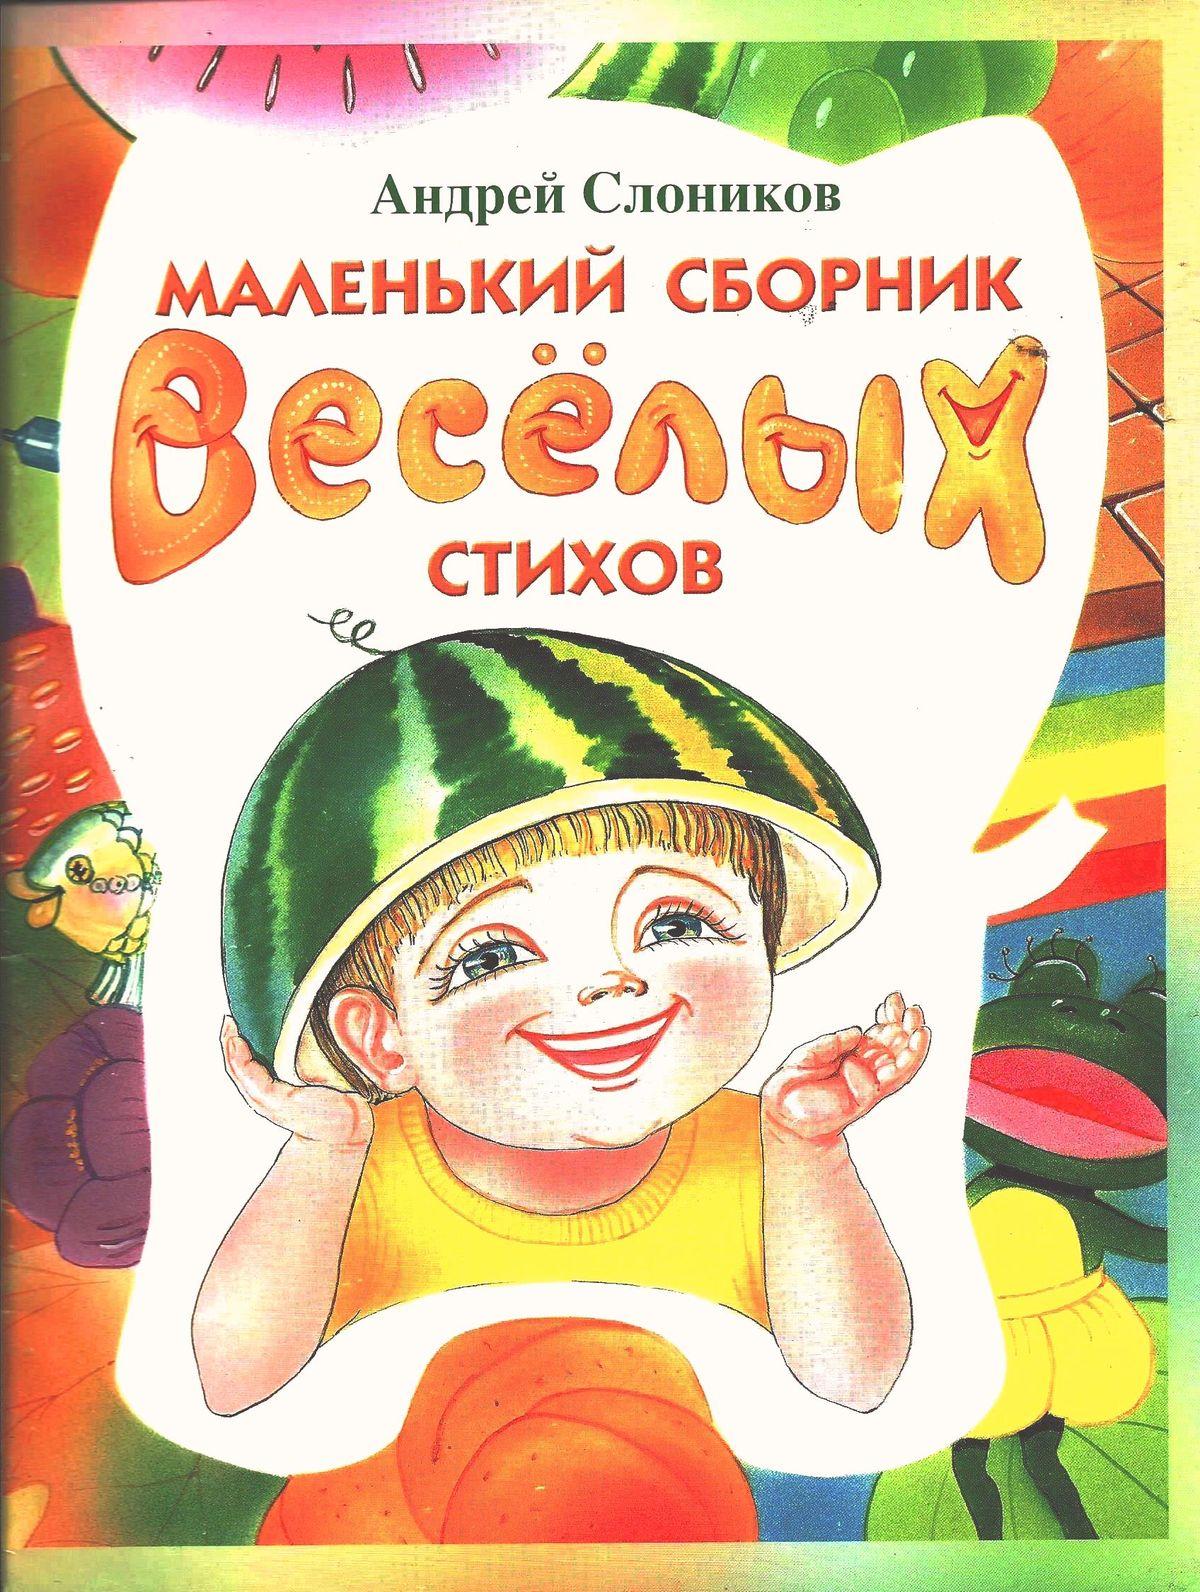 Детская книга «Маленький сборник веселых стихов»